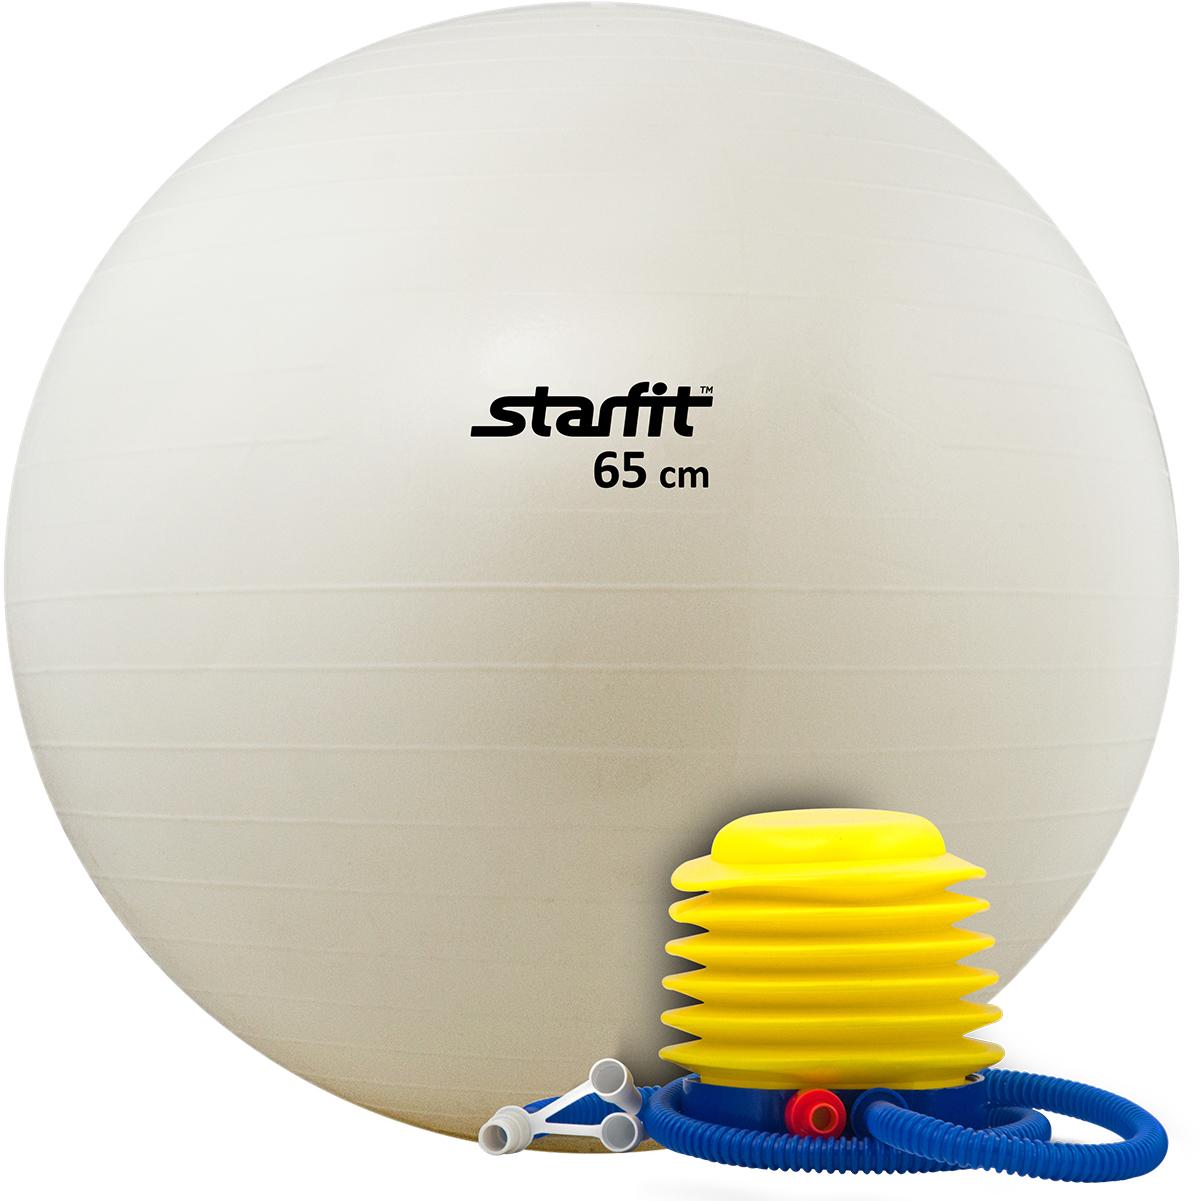 Мяч гимнастический Starfit, антивзрыв, с насосом, цвет: белый, диаметр 65 см эспандеры starfit эспандер starfit es 702 power twister черный 50 кг